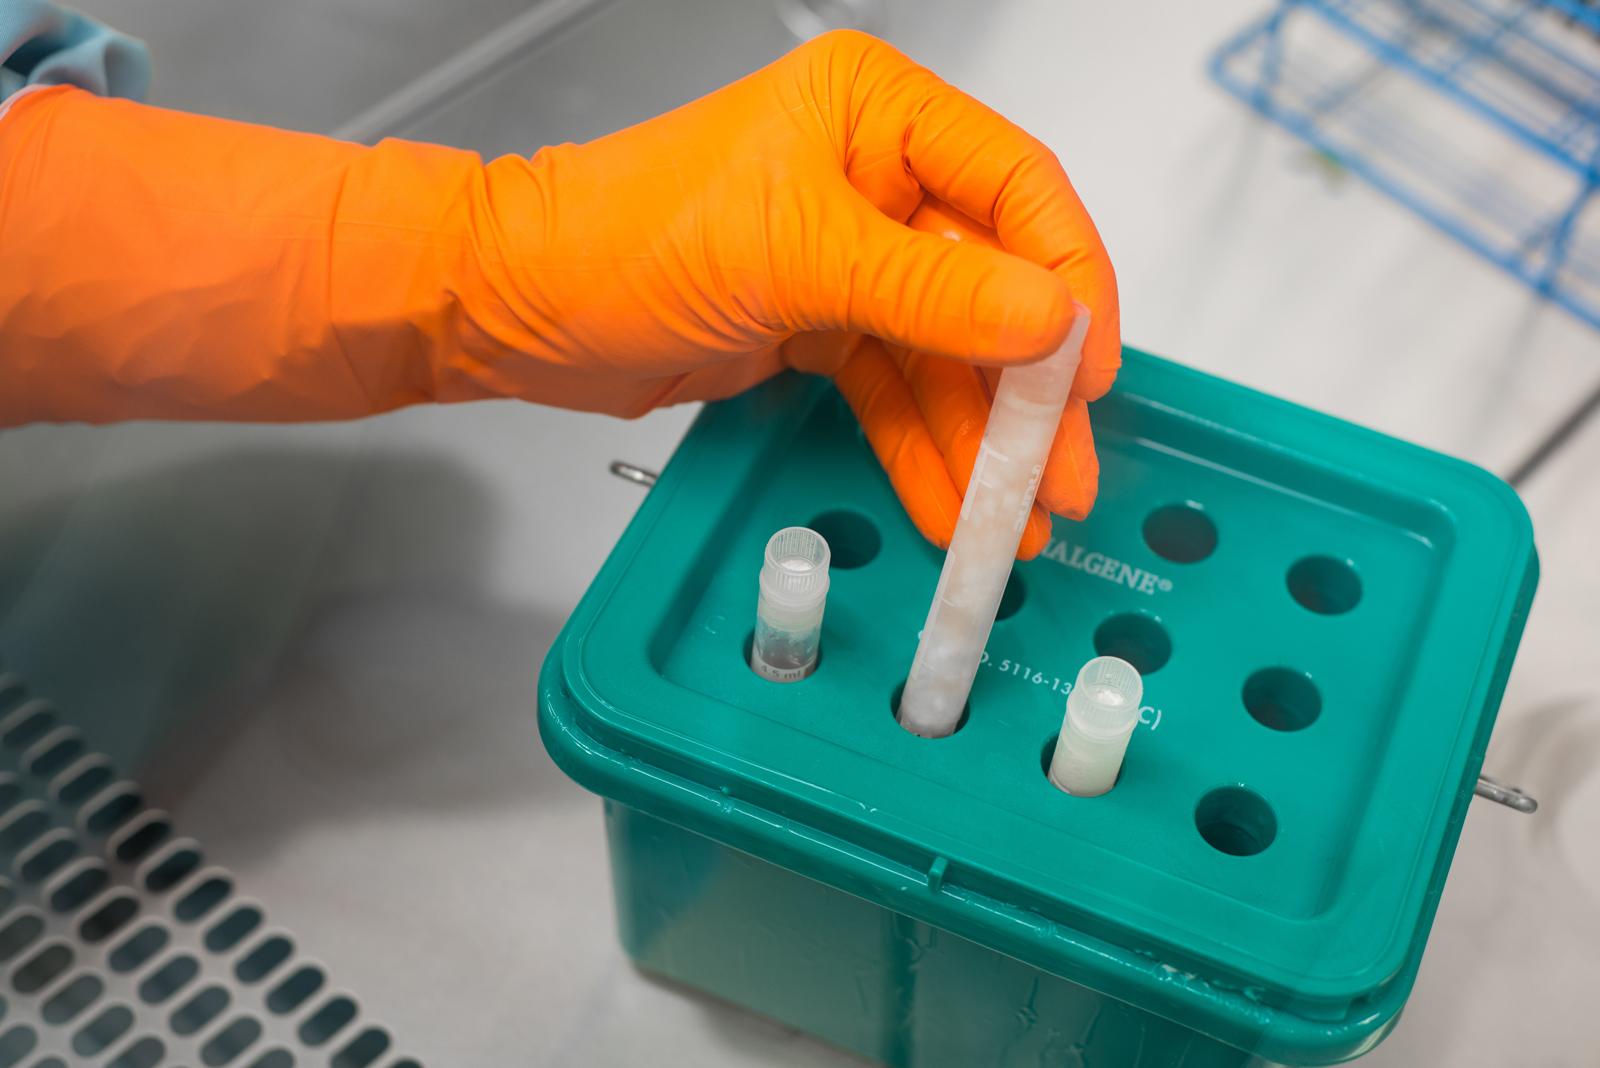 příprava tkáně na kryokonzervaci